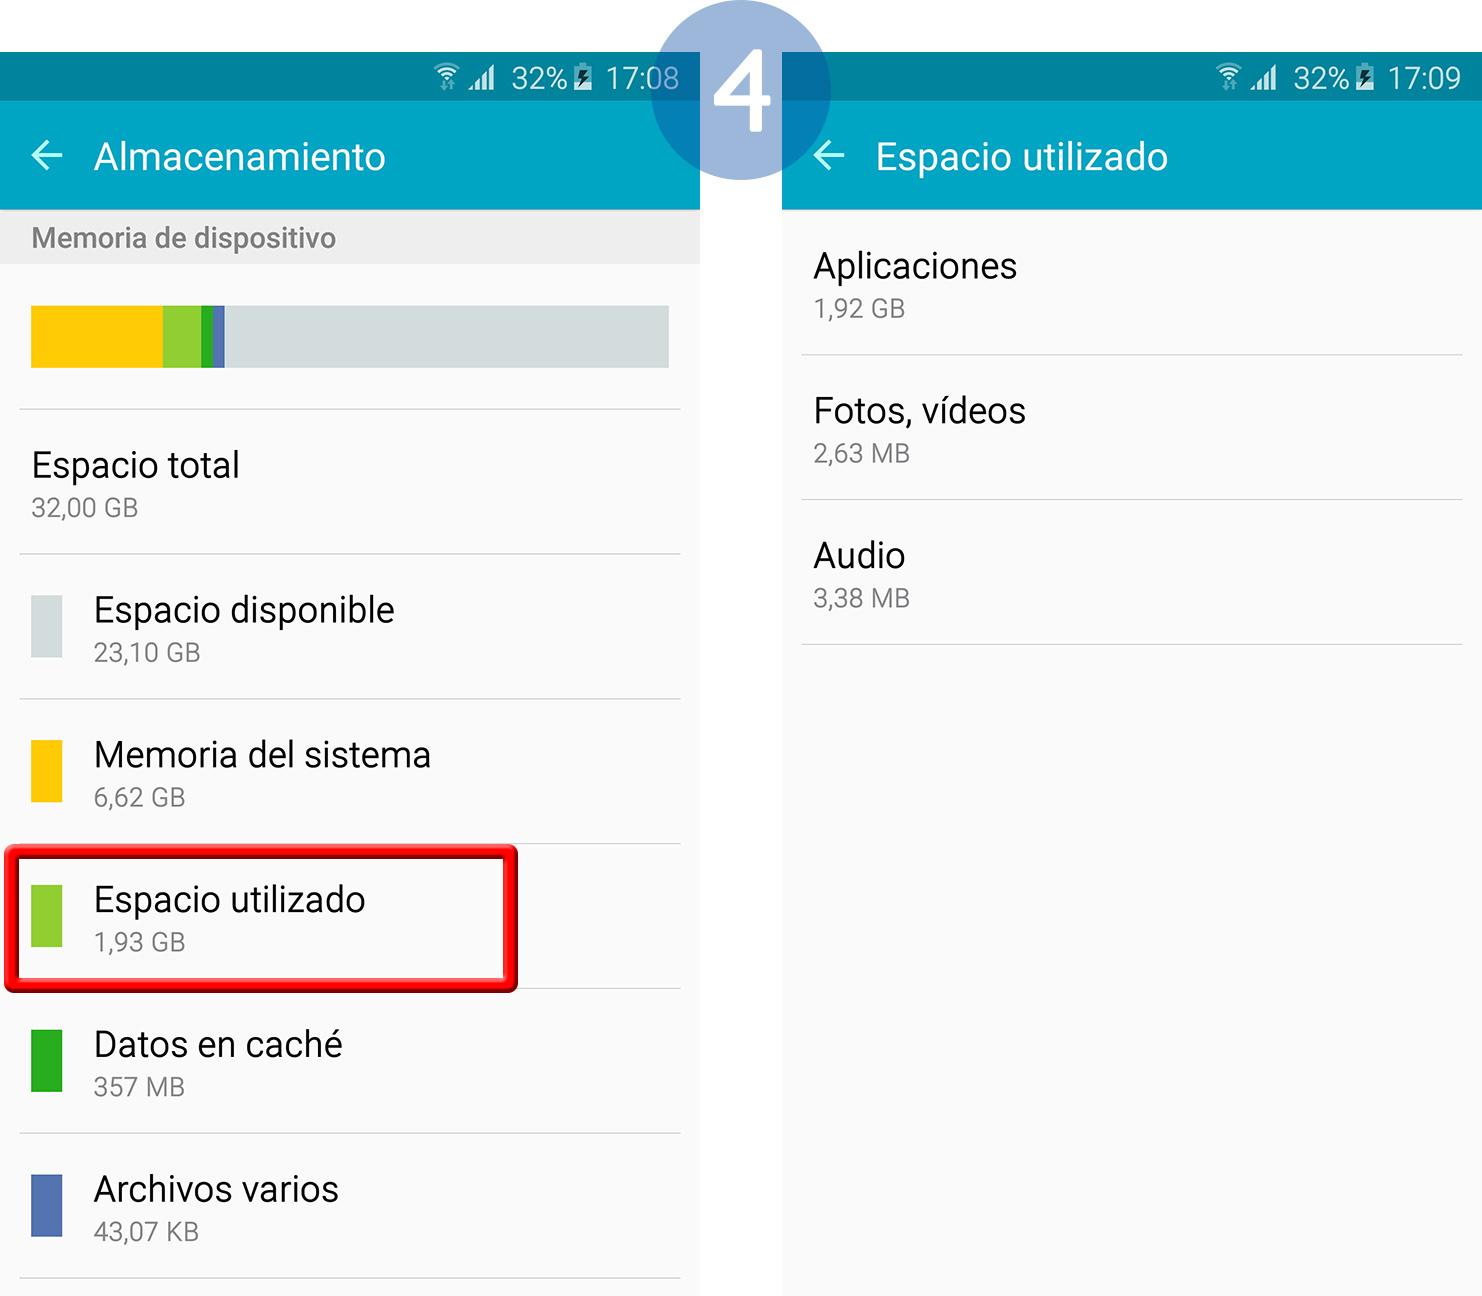 espacio de almacenamiento en Internet Samsung